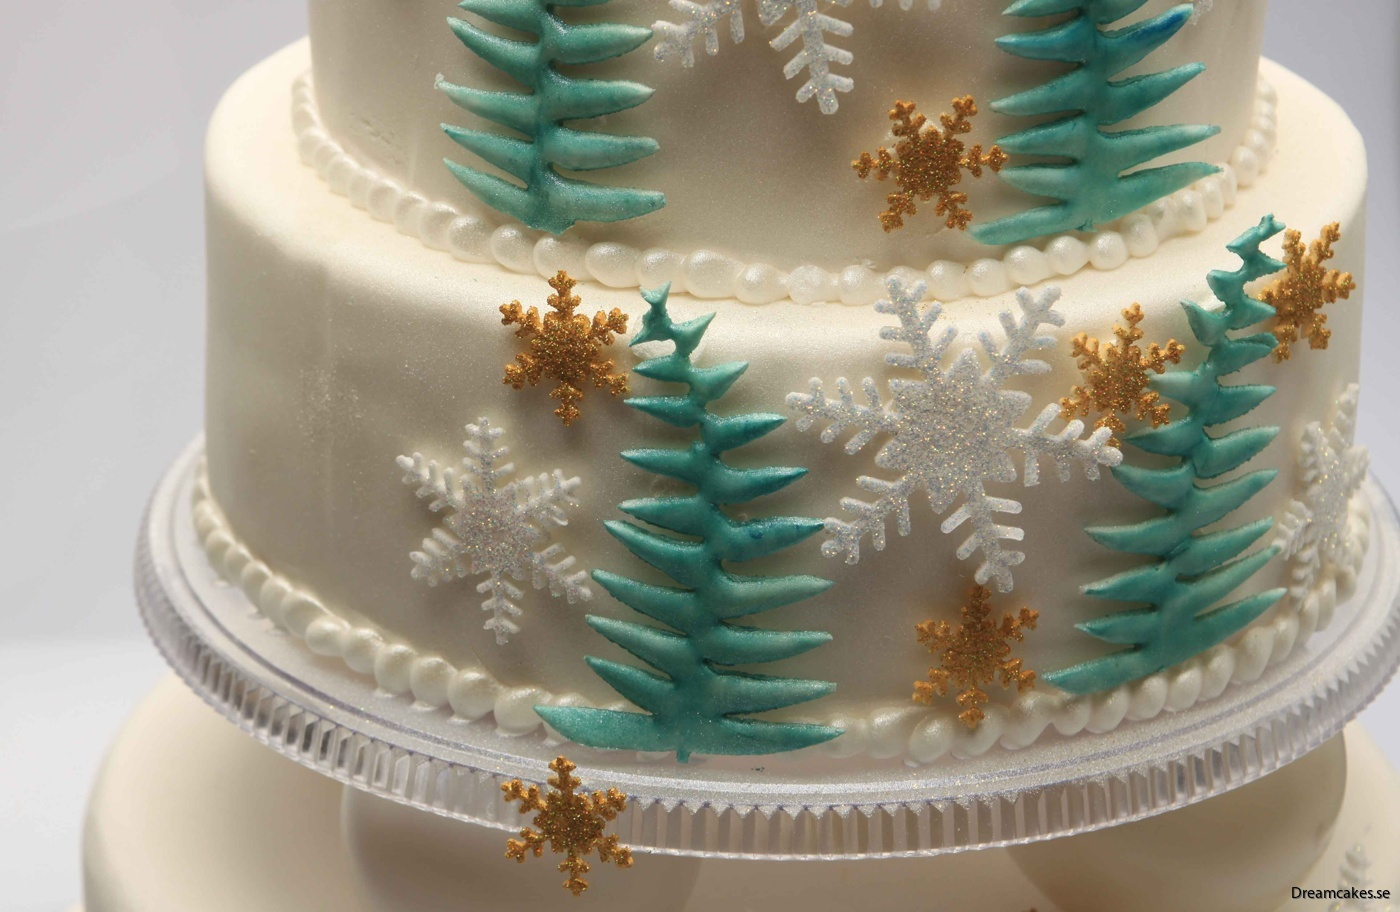 snöflingeutstickare, snöflinga i socker, frosttårta, tårtdekorationer, sockerflingor, snöflingor i sockerpasta, sugarpaste, ätbara snöflingor